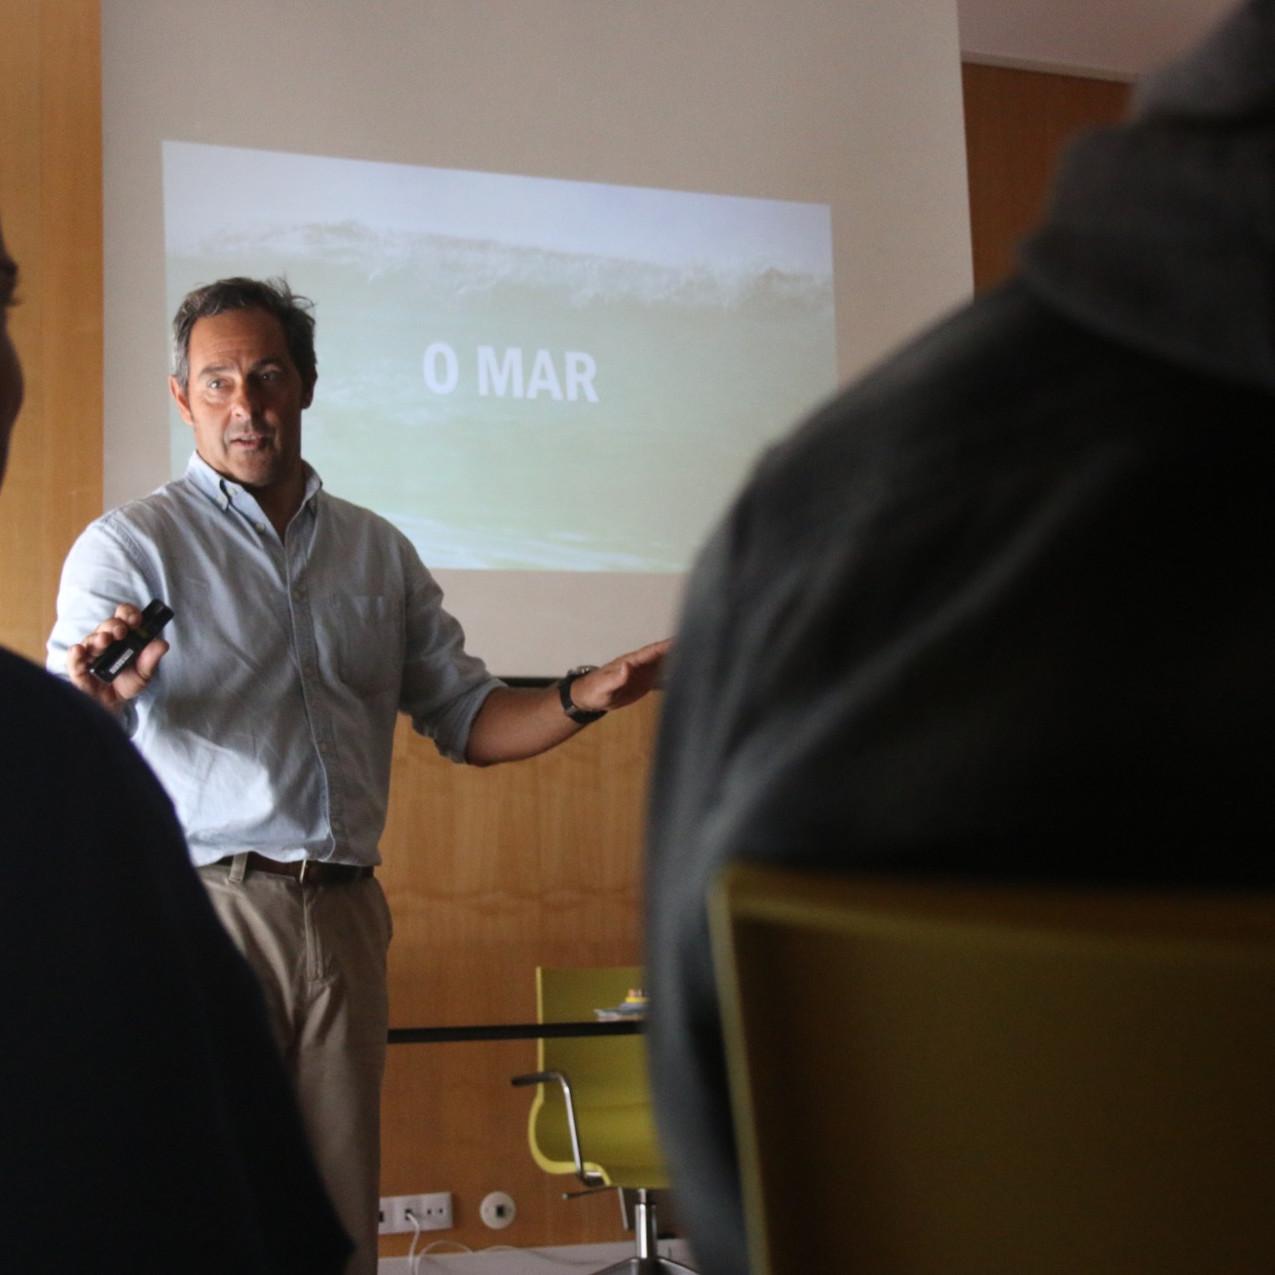 Sessão de orador - antonio pedro